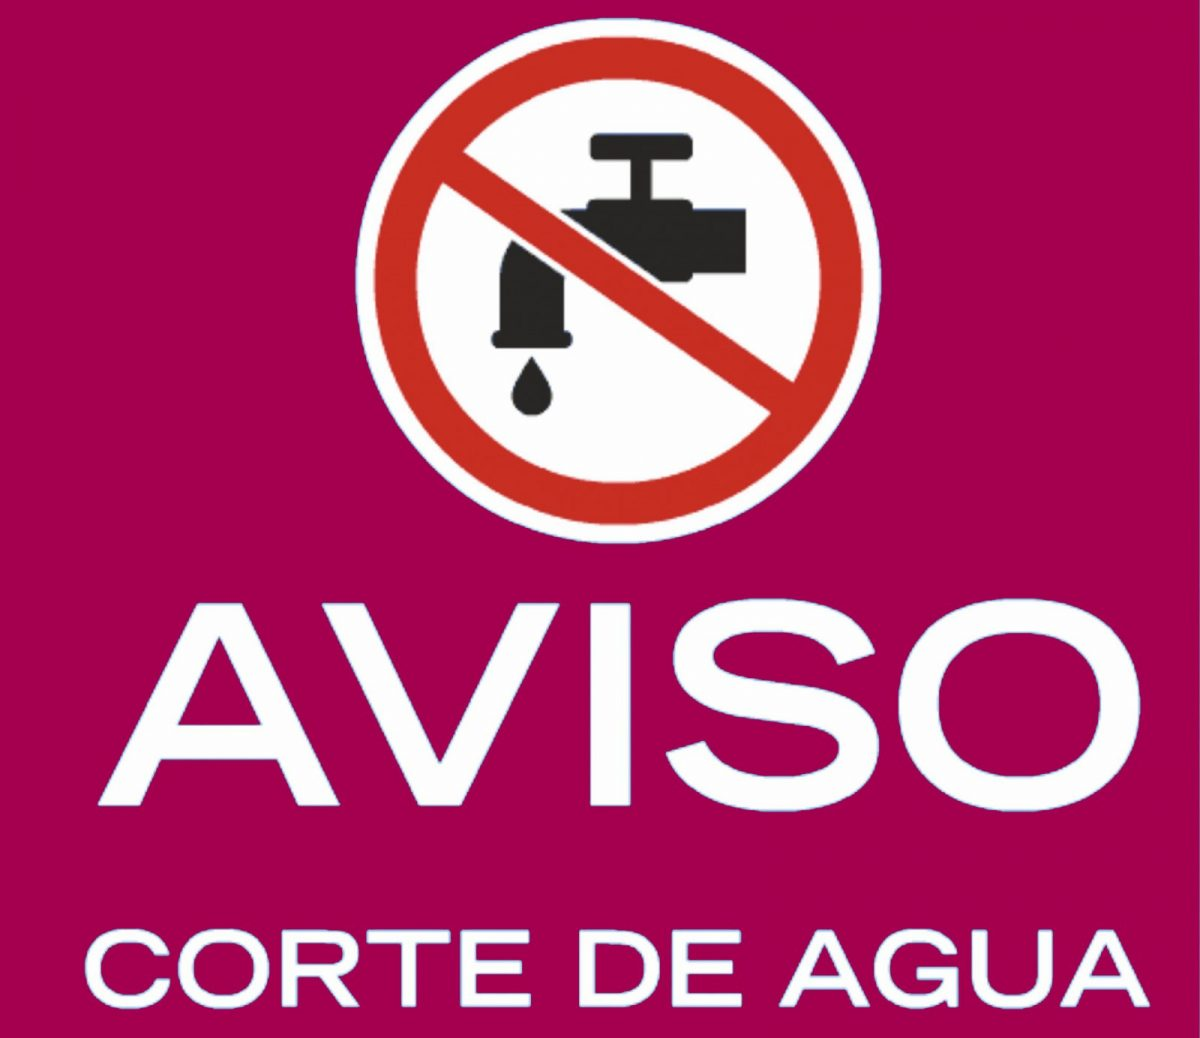 http://www.toledo.es/wp-content/uploads/2018/06/corte-agua-ayto-toledo-1200x1038.jpg. La mejora de la red de abastecimiento conlleva este martes, 5 de junio, corte del suministro de agua en las calles Canteros y Campo